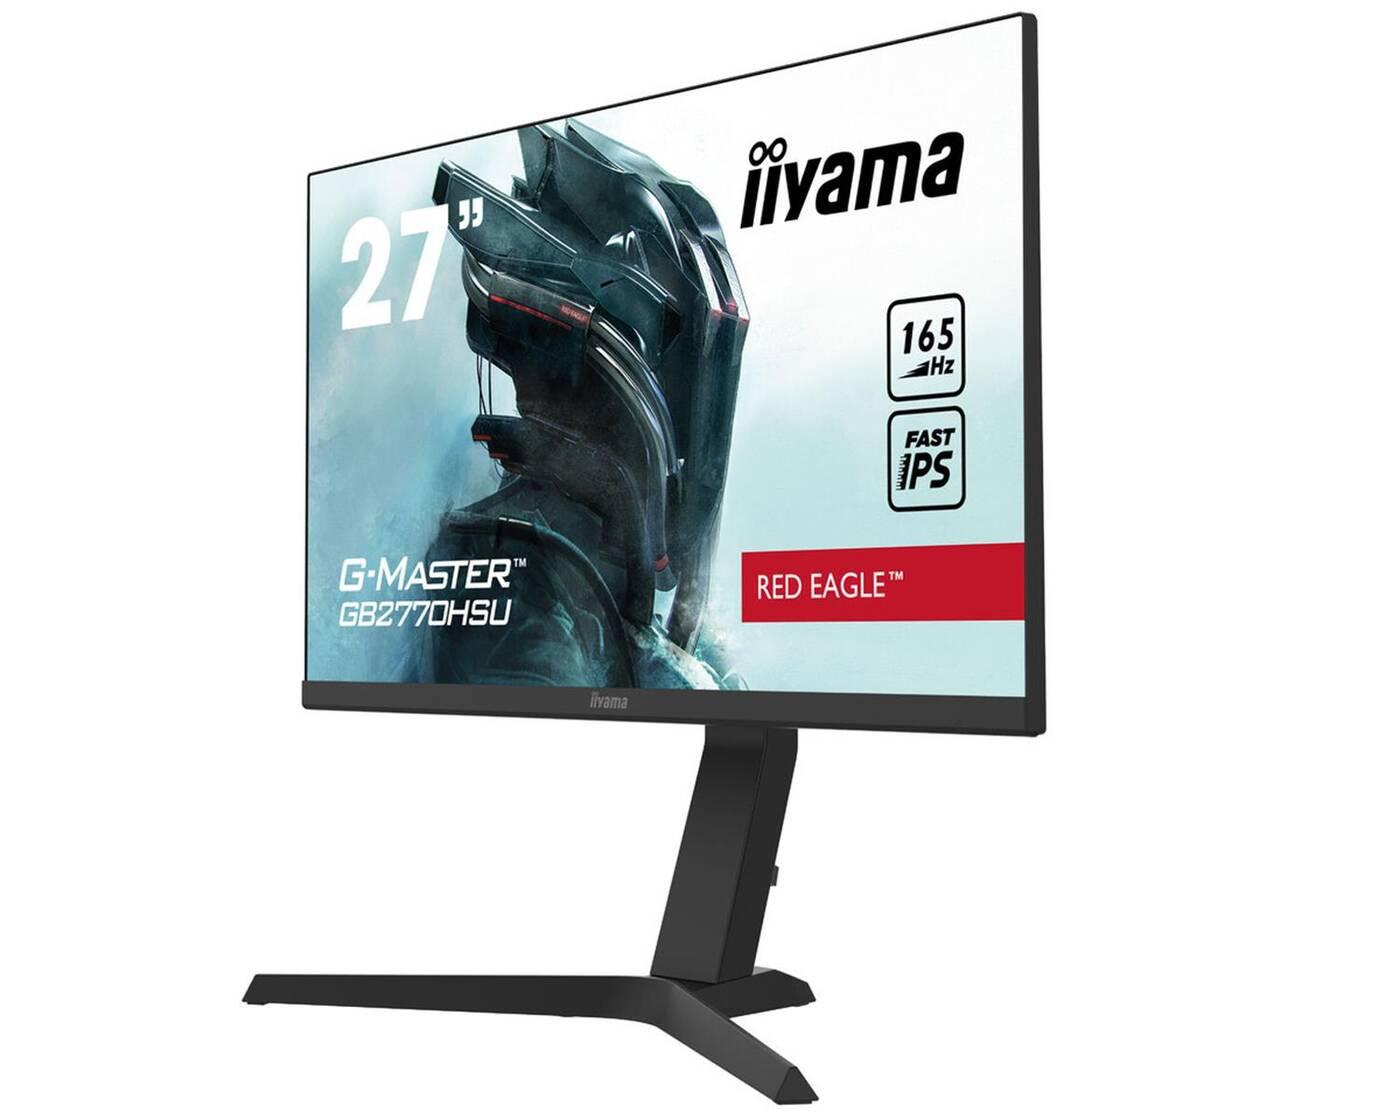 Dwa nowe gamingowe monitory G-Masters od iiyama